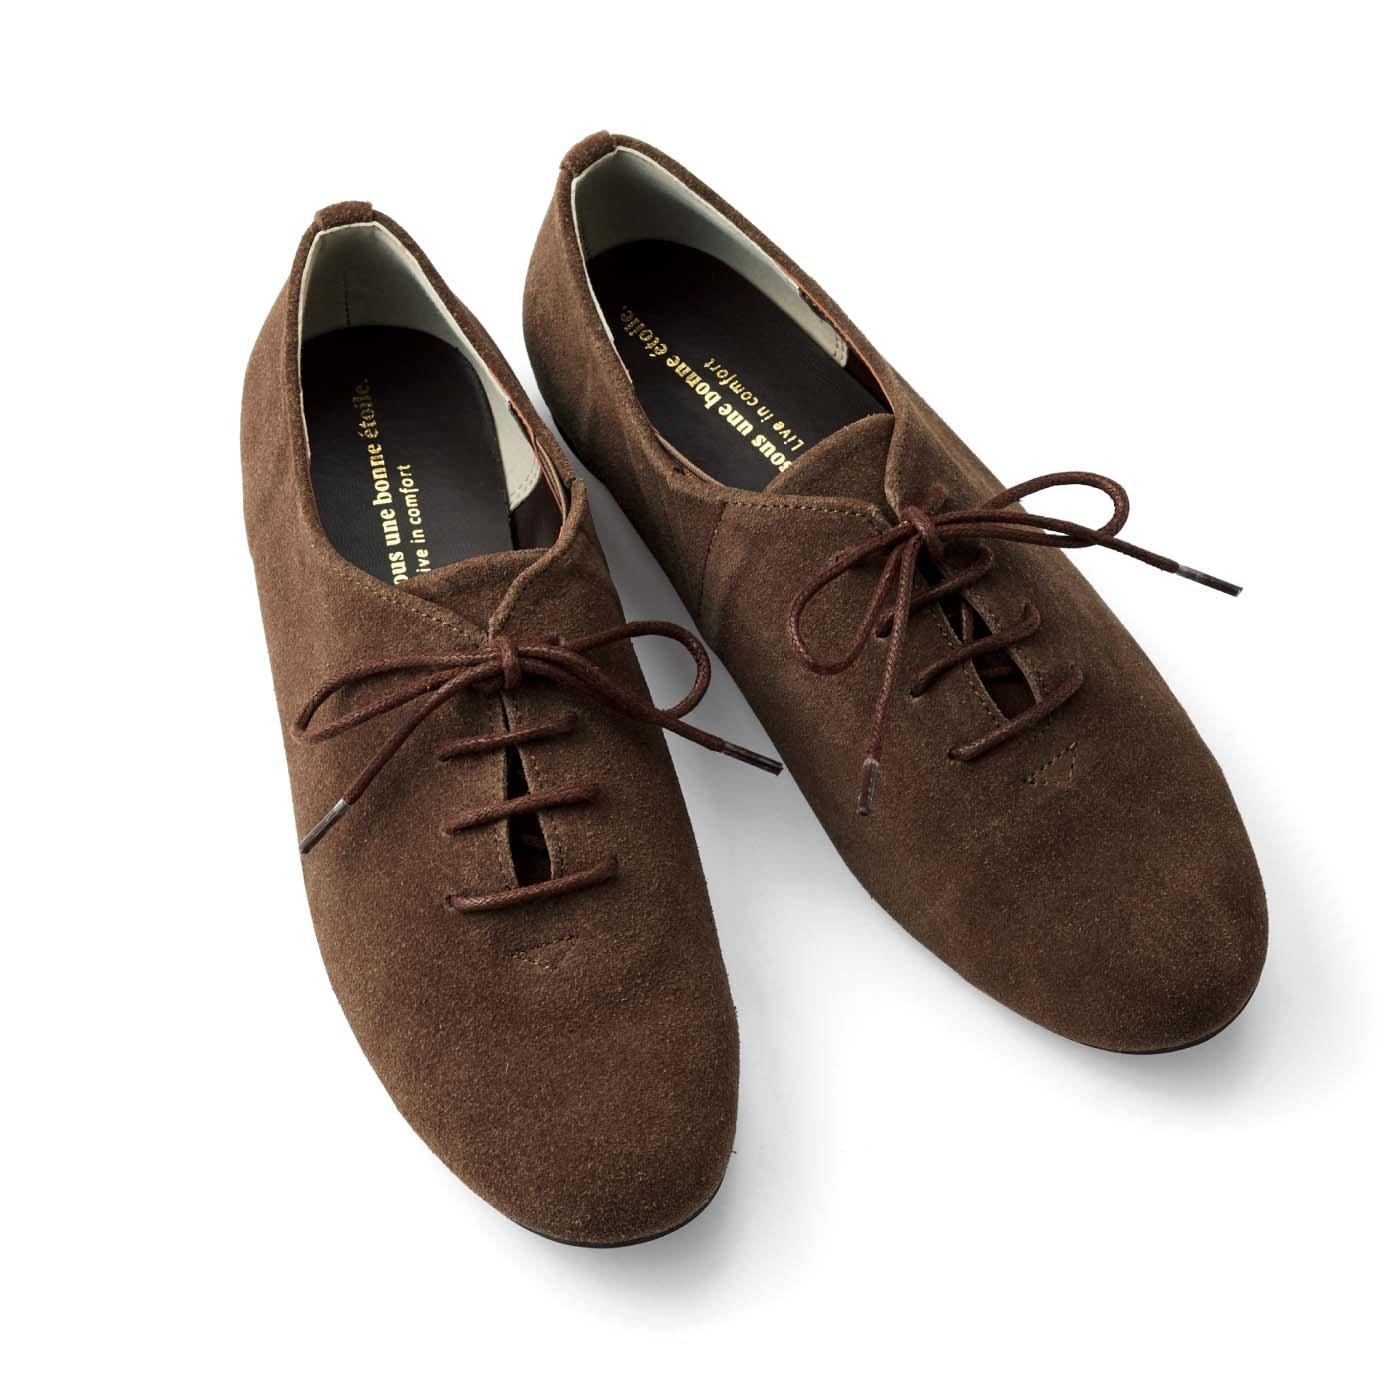 リブ イン コンフォート 履くほどに足になじむ 相棒みたいな本革ドレスシューズ〈ブラウン〉